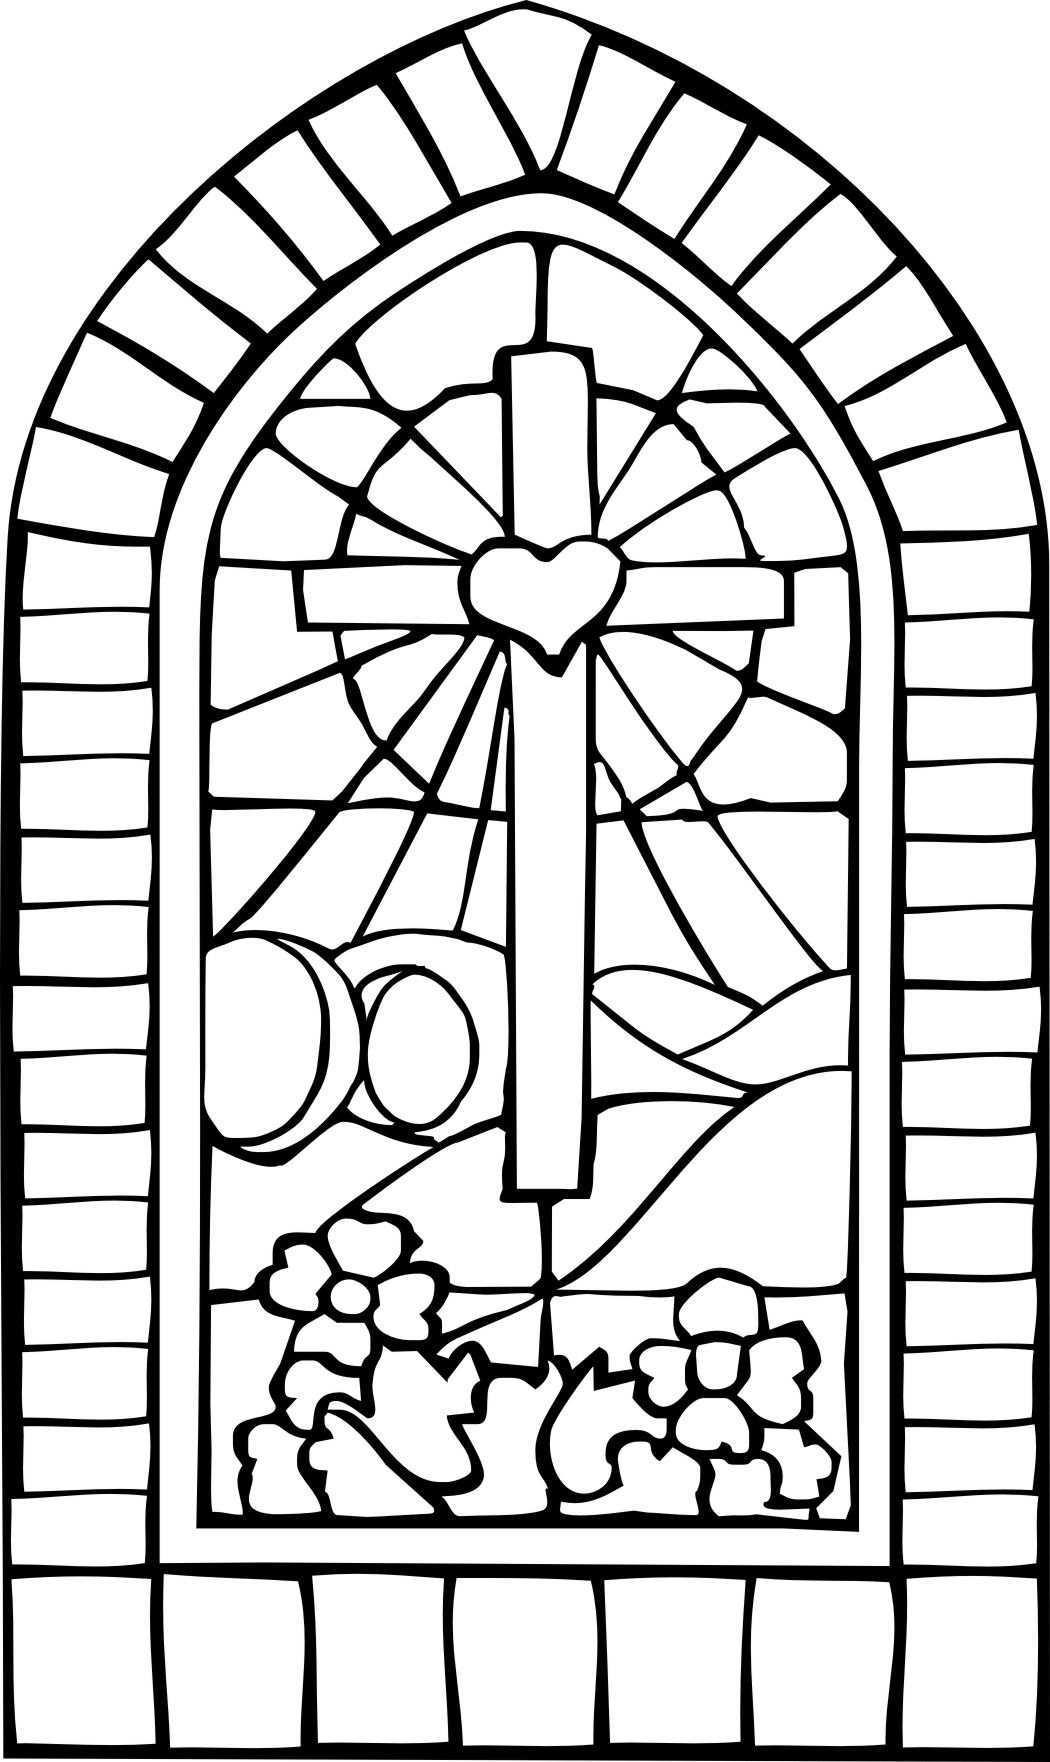 Www Hervormdbrandwijk Nl Wp Content Uploads 2017 02 Lijdenstijd Kalender Kleurplaat Groot J Knutselen Christelijk Pasen Bijbelknutselwerk Christelijke Knutsels